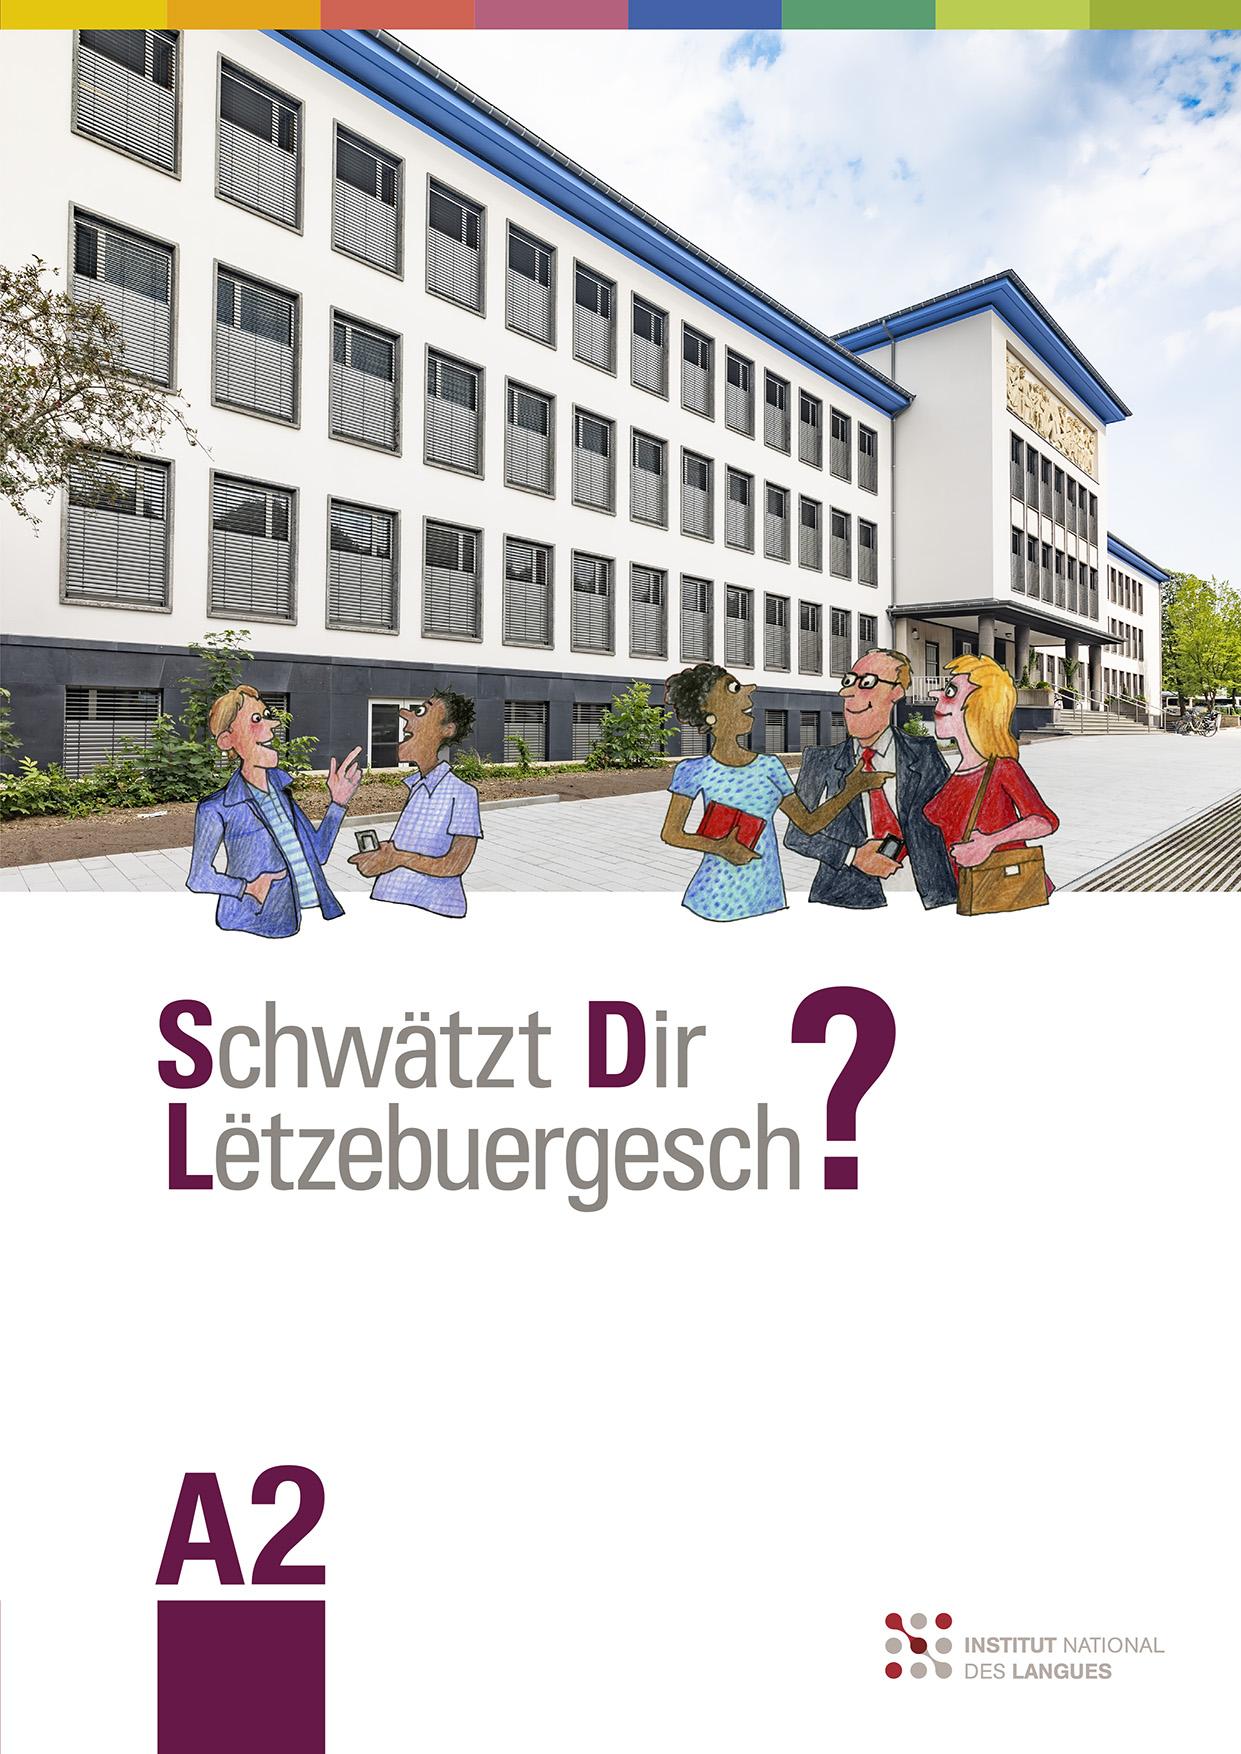 Manuel Schwätzt Dir Lëtzebuergesch version 2019